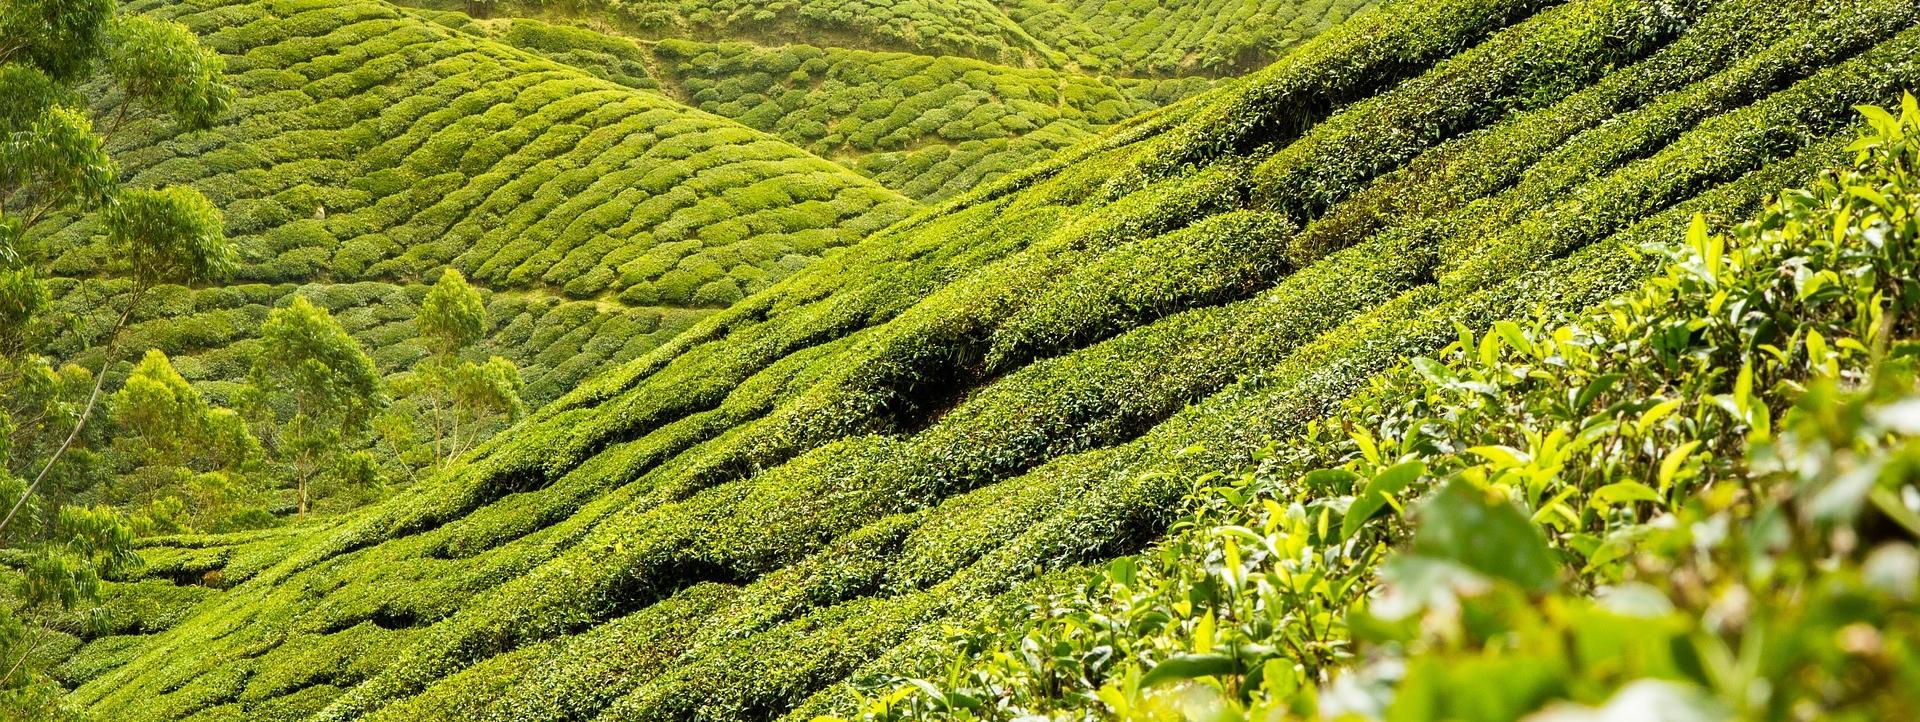 tea-leaves-139617_1920.jpg